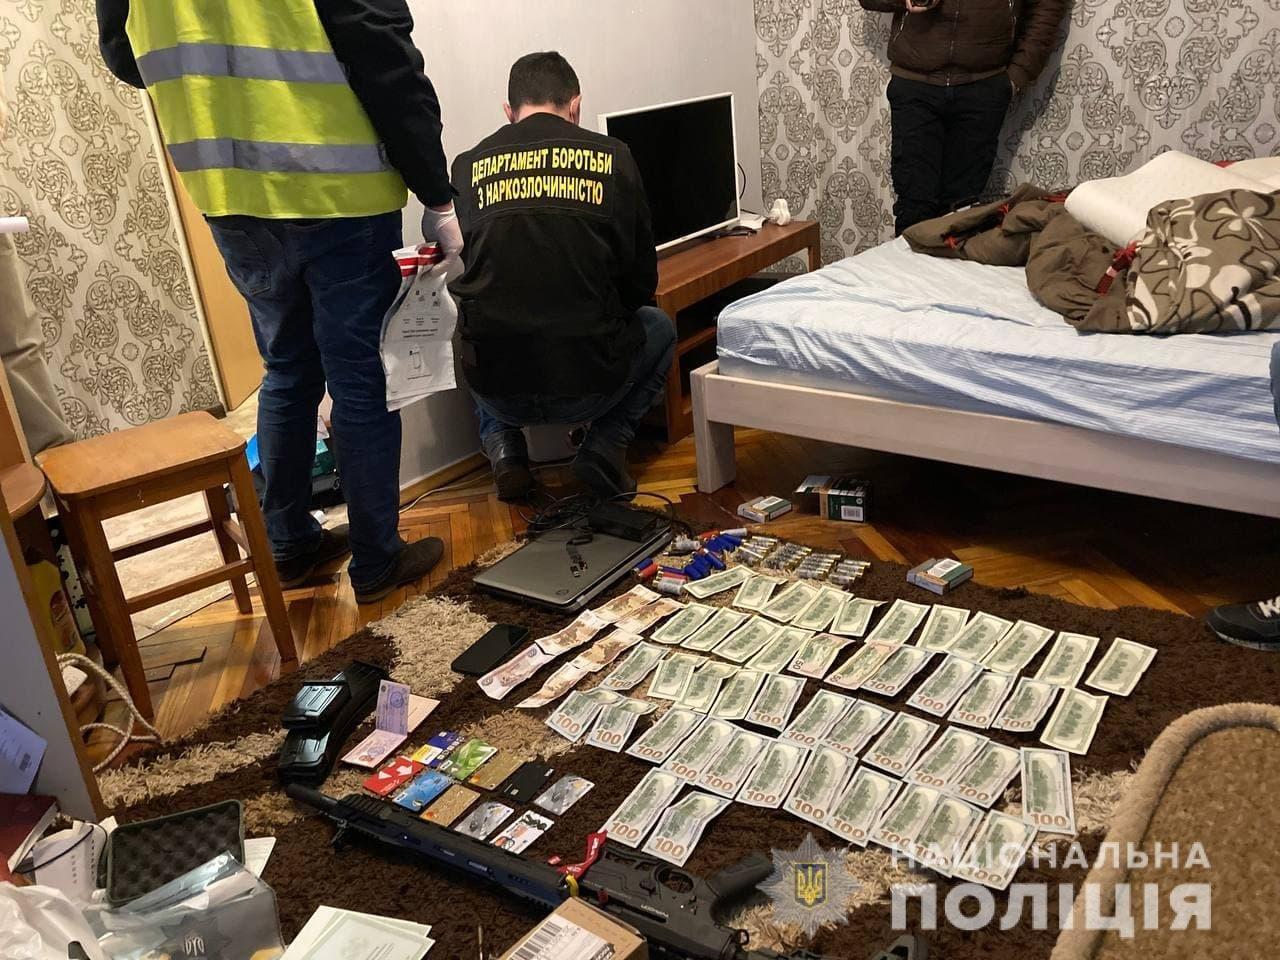 """В Днепре """"накрыли"""" огромный завод с крупнейшей партией наркотиков в истории Украины, фото-3"""